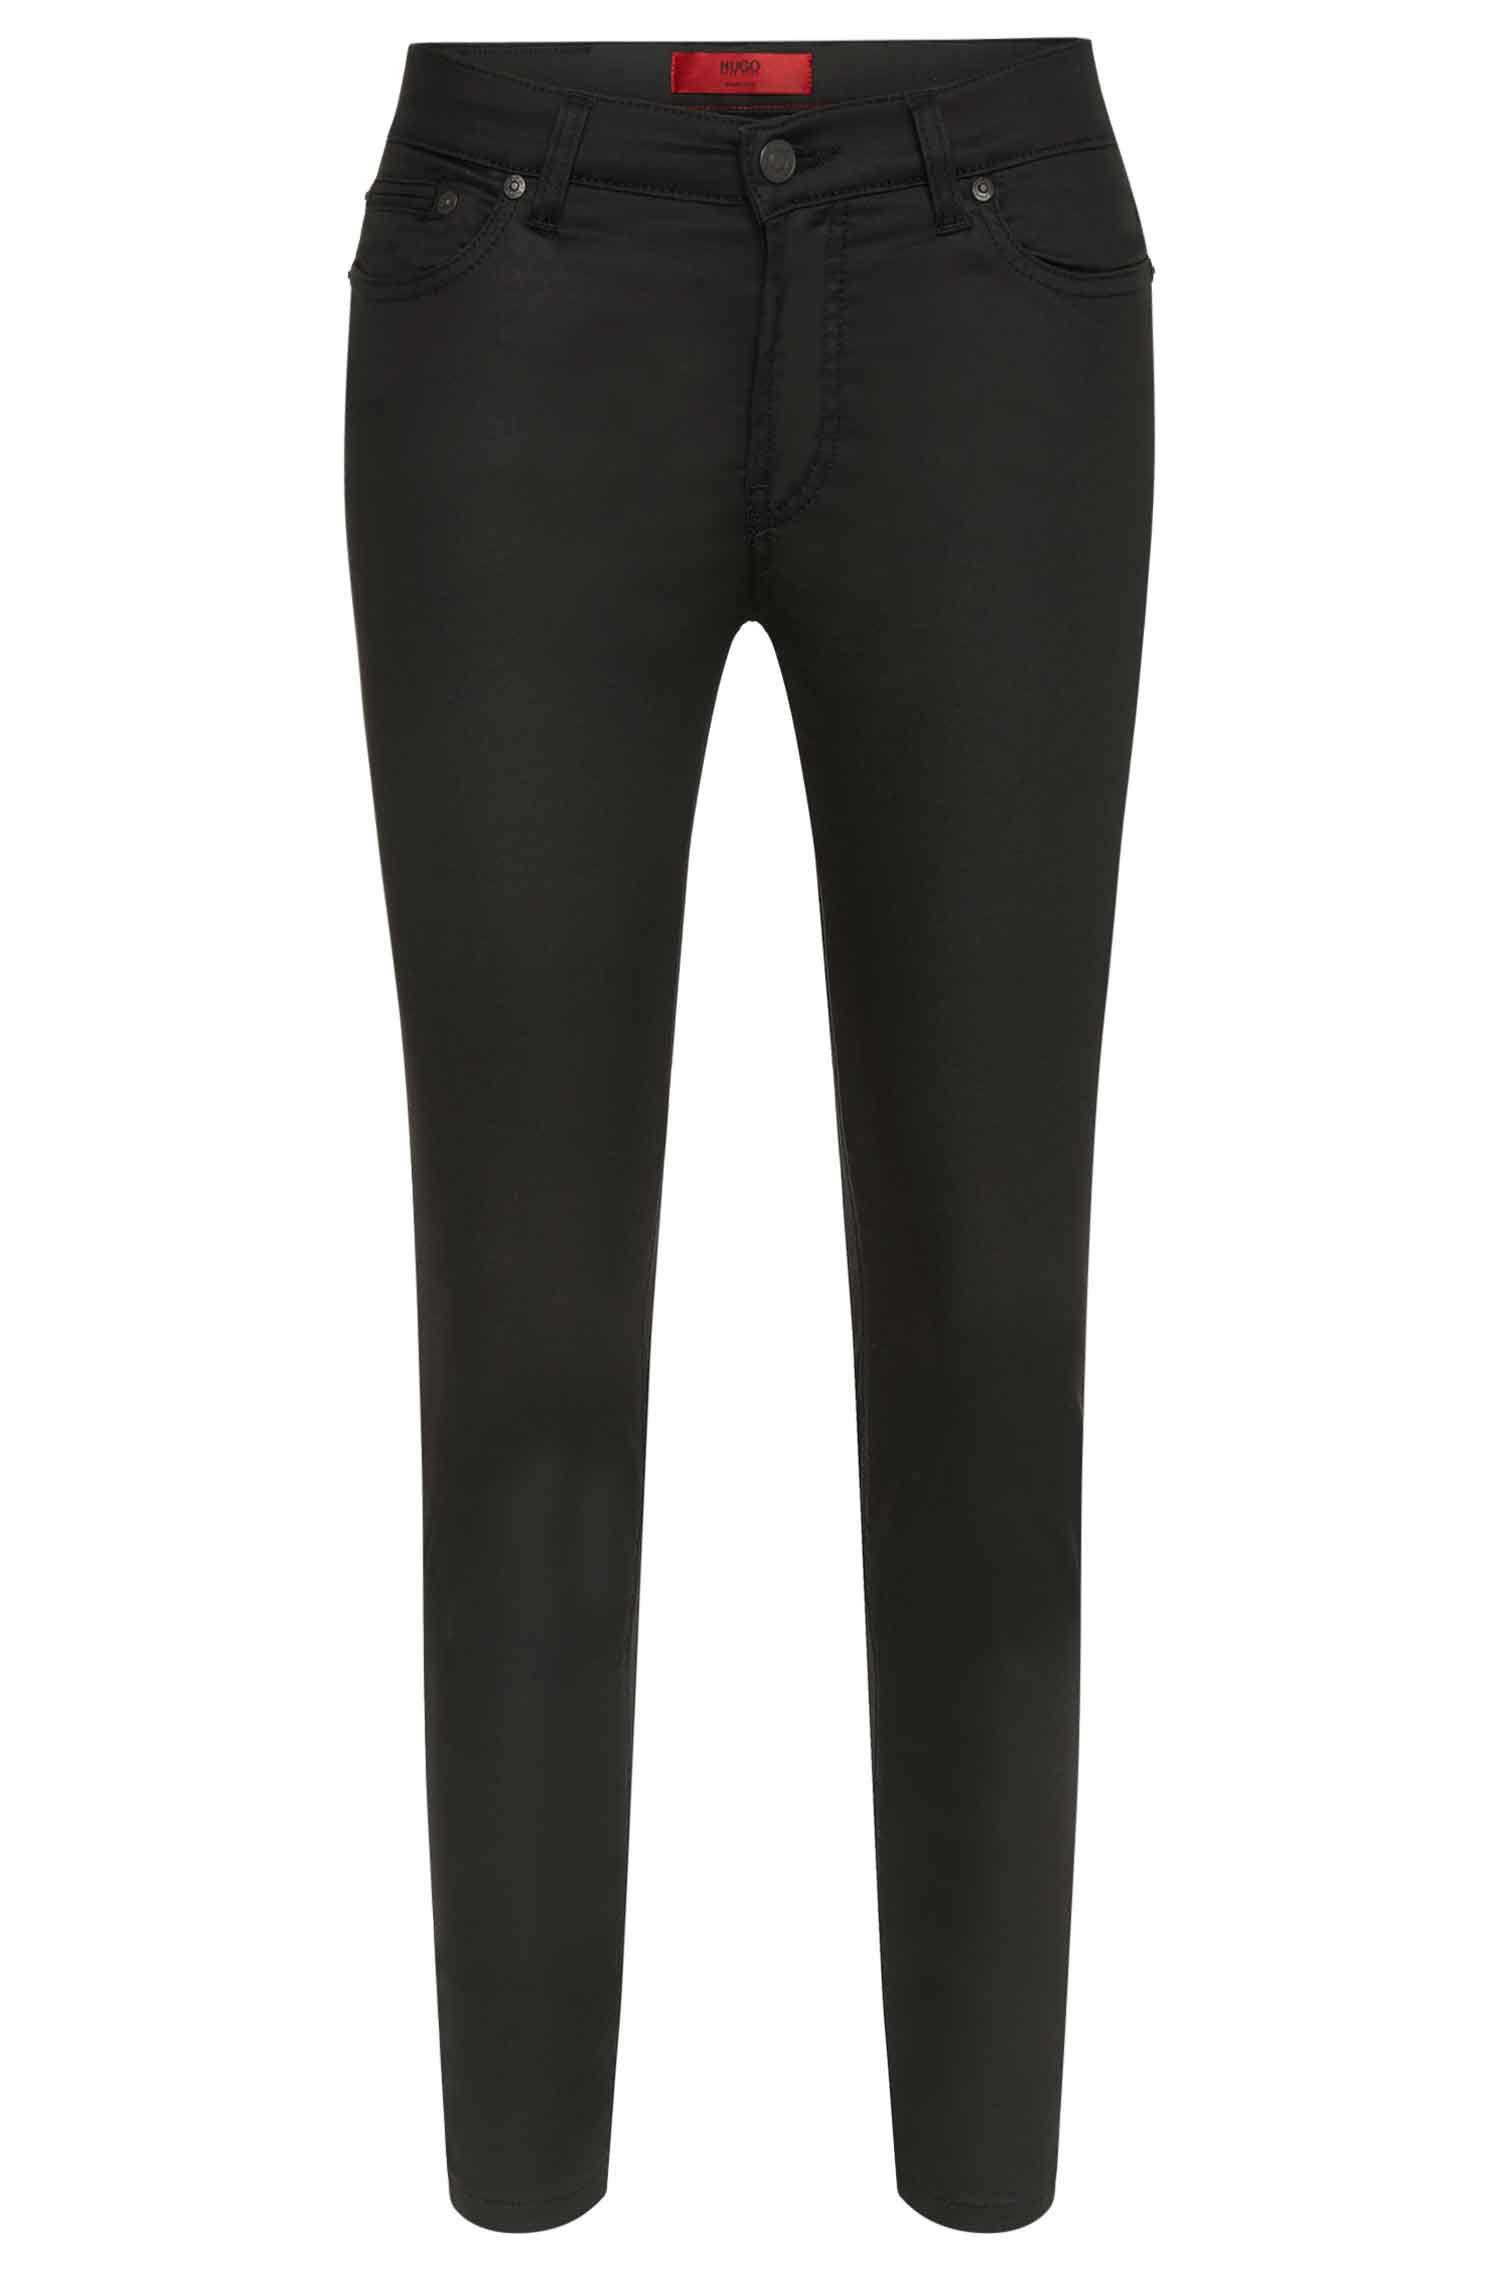 Jeans Skinny Fit en coton mélangé extensible, doté de zips: «Gilljana/9»